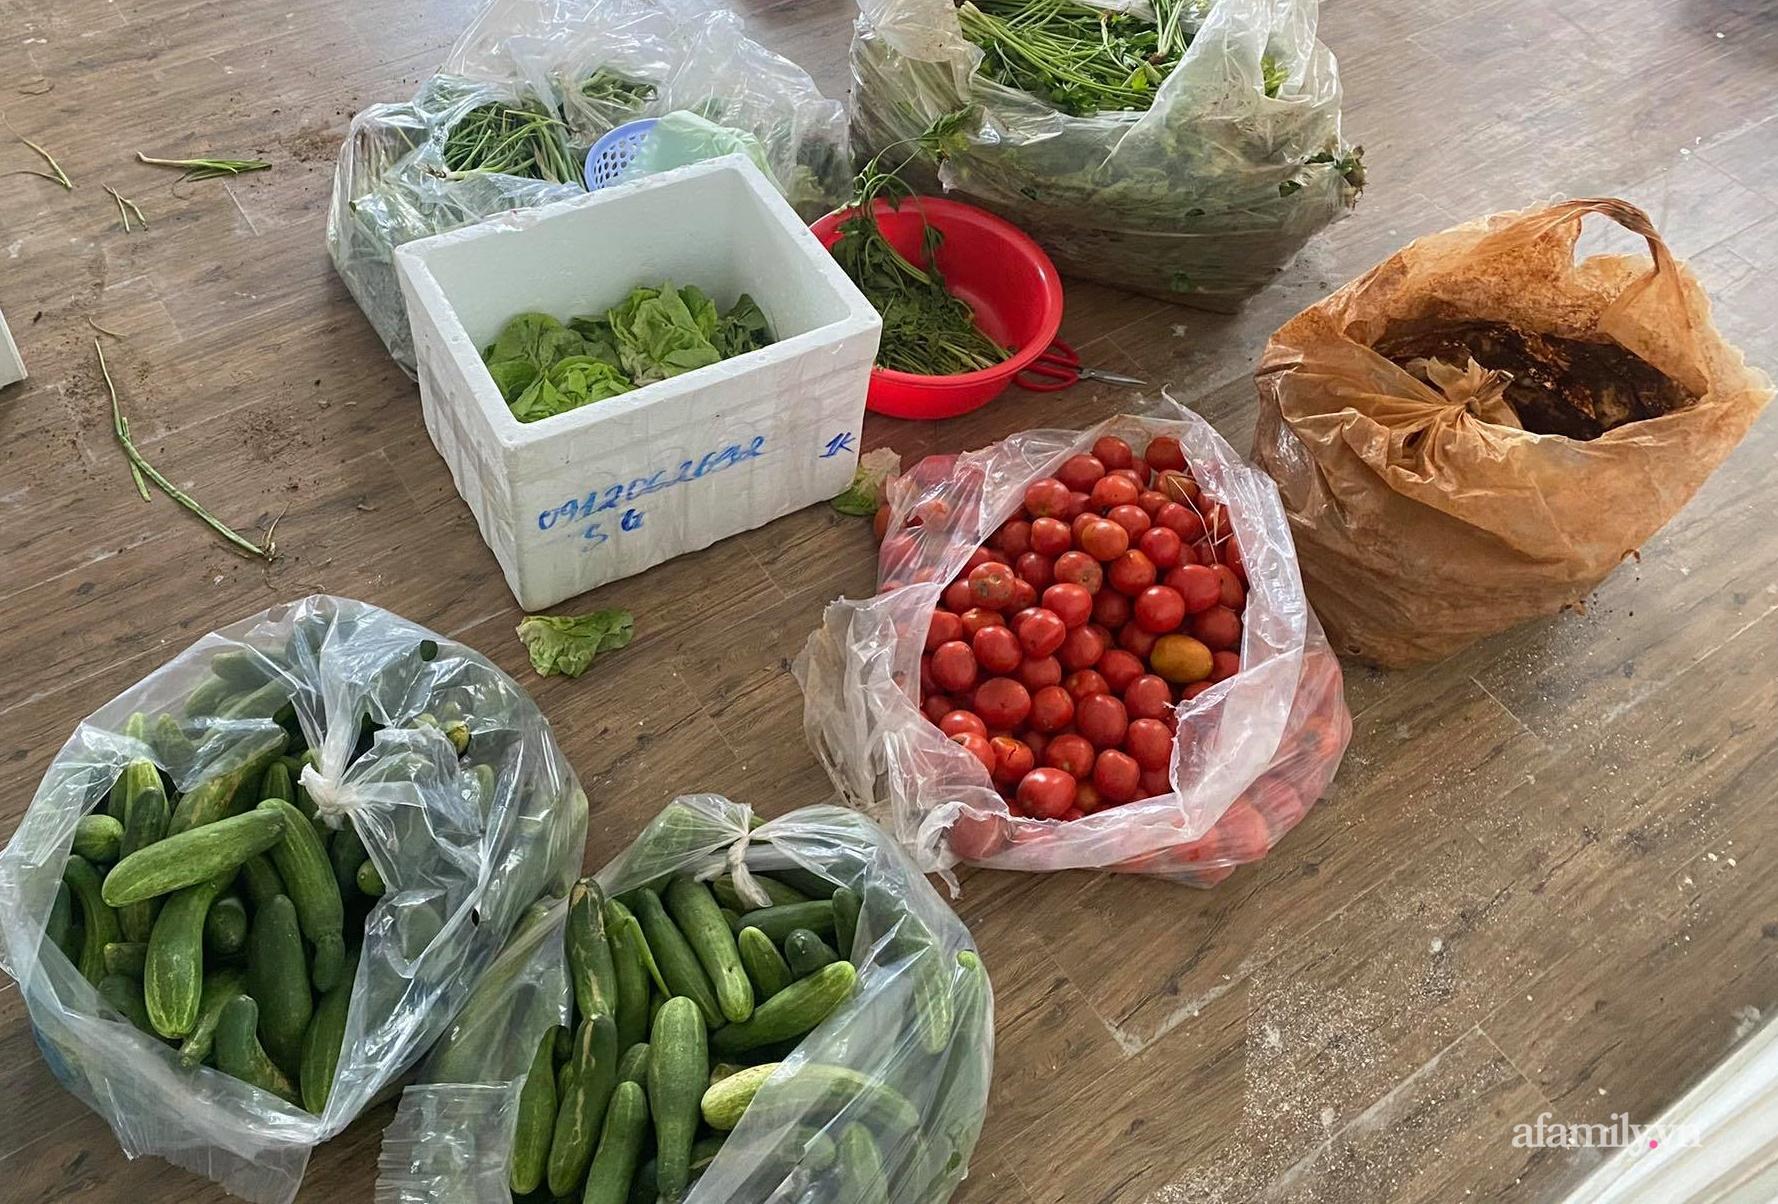 Cô gái người Nga chia sẻ chuỗi ngày giãn cách khó quên khi lần đầu đi chợ bằng phiếu, biết ơn Việt Nam vì sự tử tế dành cho cộng đồng người nước ngoài-2